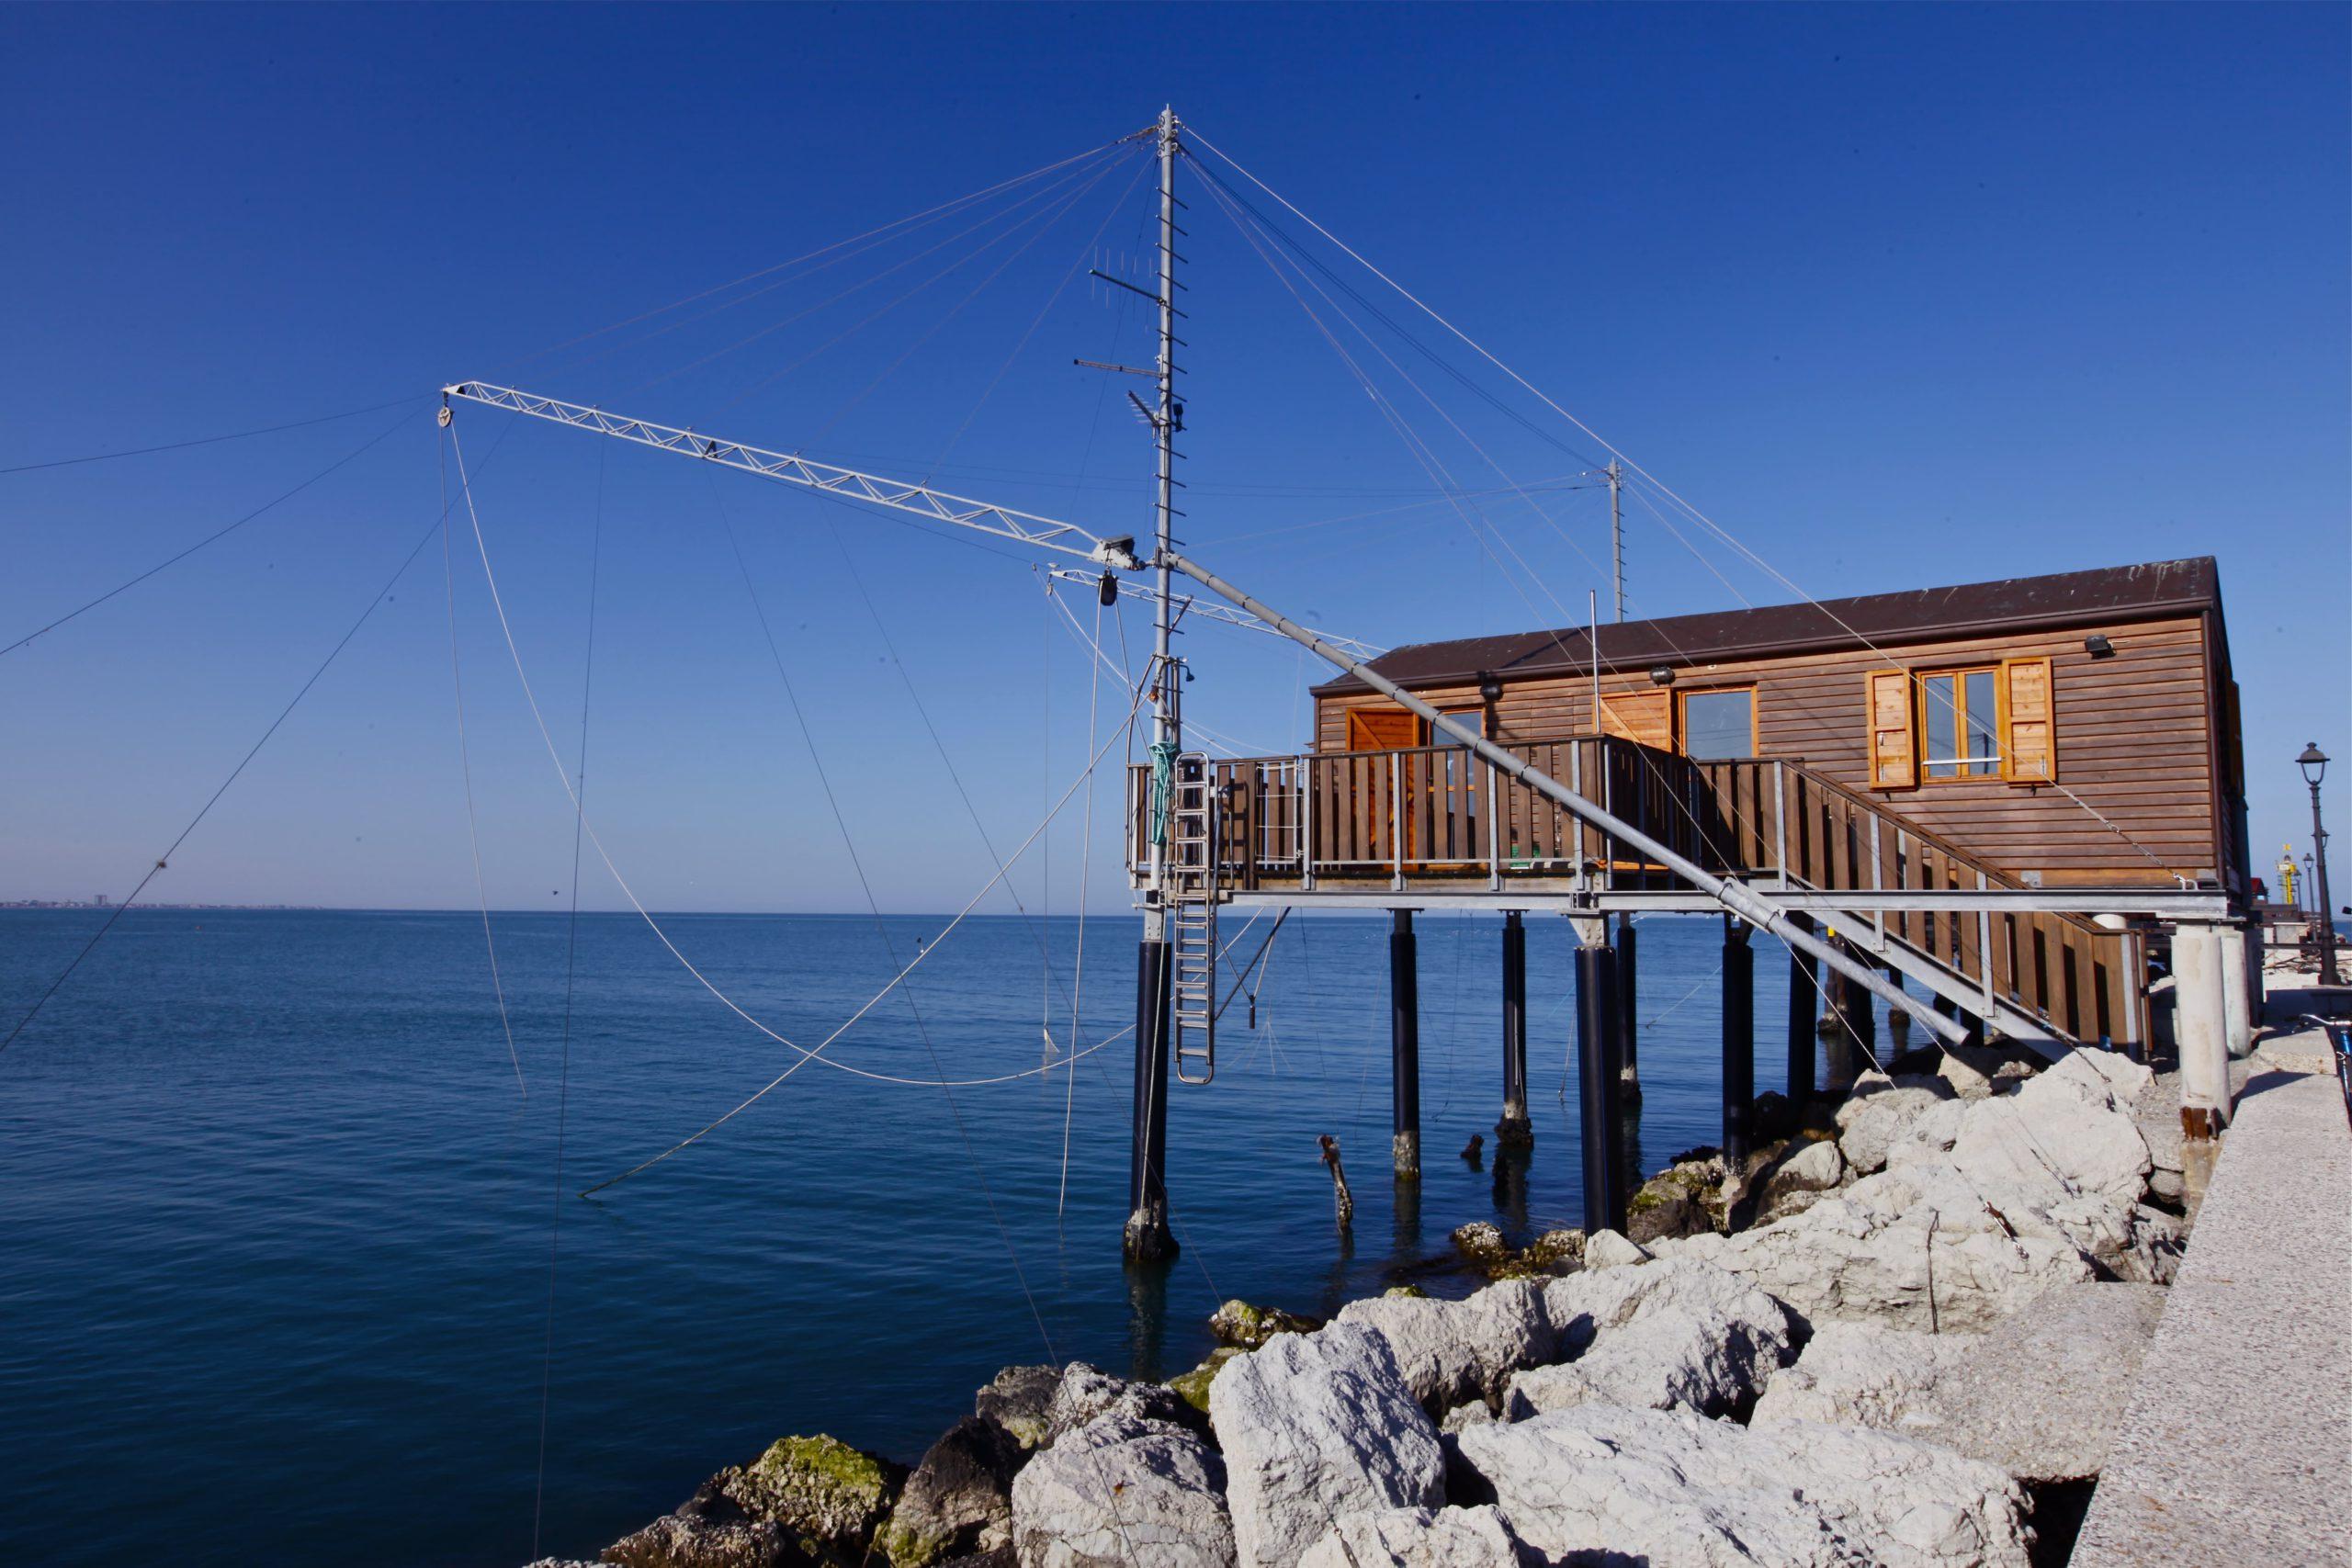 [ParlamiditER] I capanni da pesca di Cesenatico: una tradizione antica, oggi un pregiato rifugio